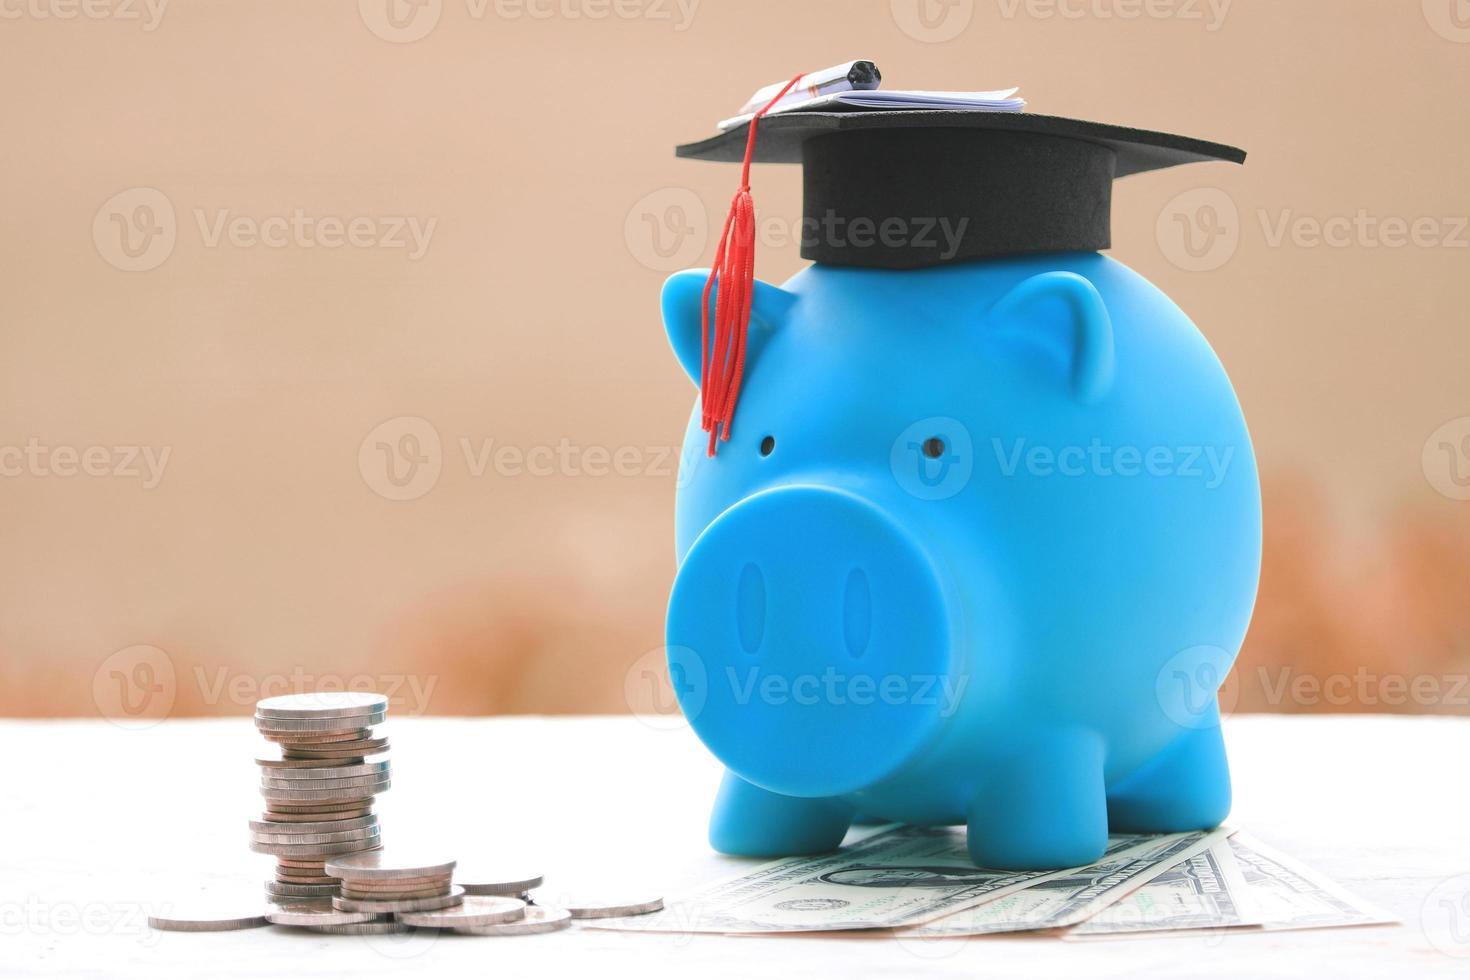 stapels munten naast blauwe spaarvarken met een baret foto